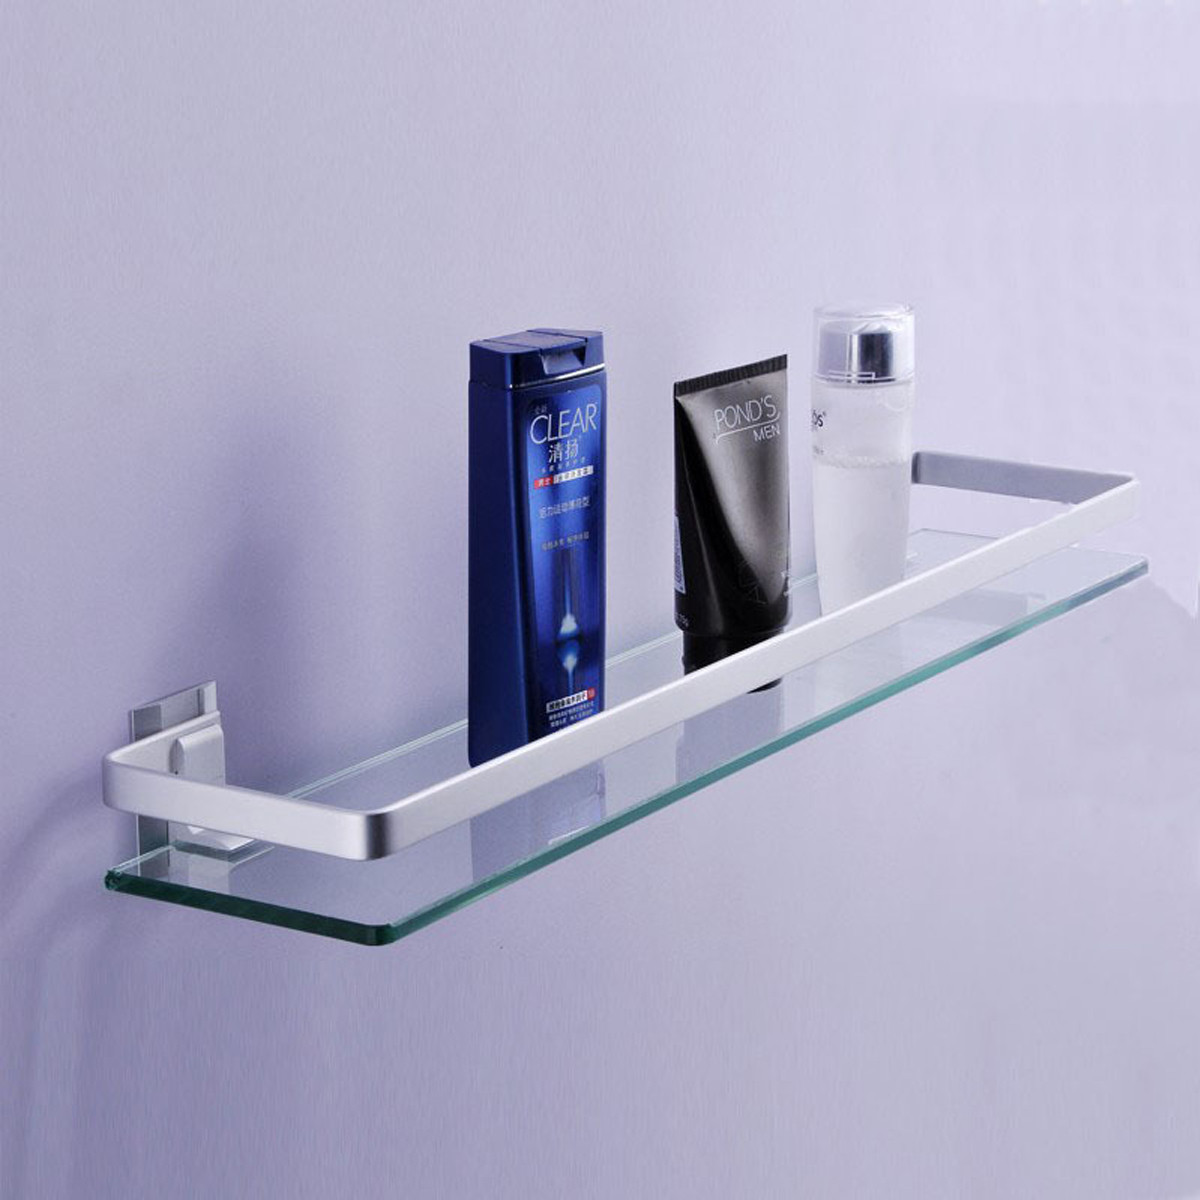 Mosaique Salle De Bain Castorama ~ etag re porte accessoire douche rangement de salle de bain et